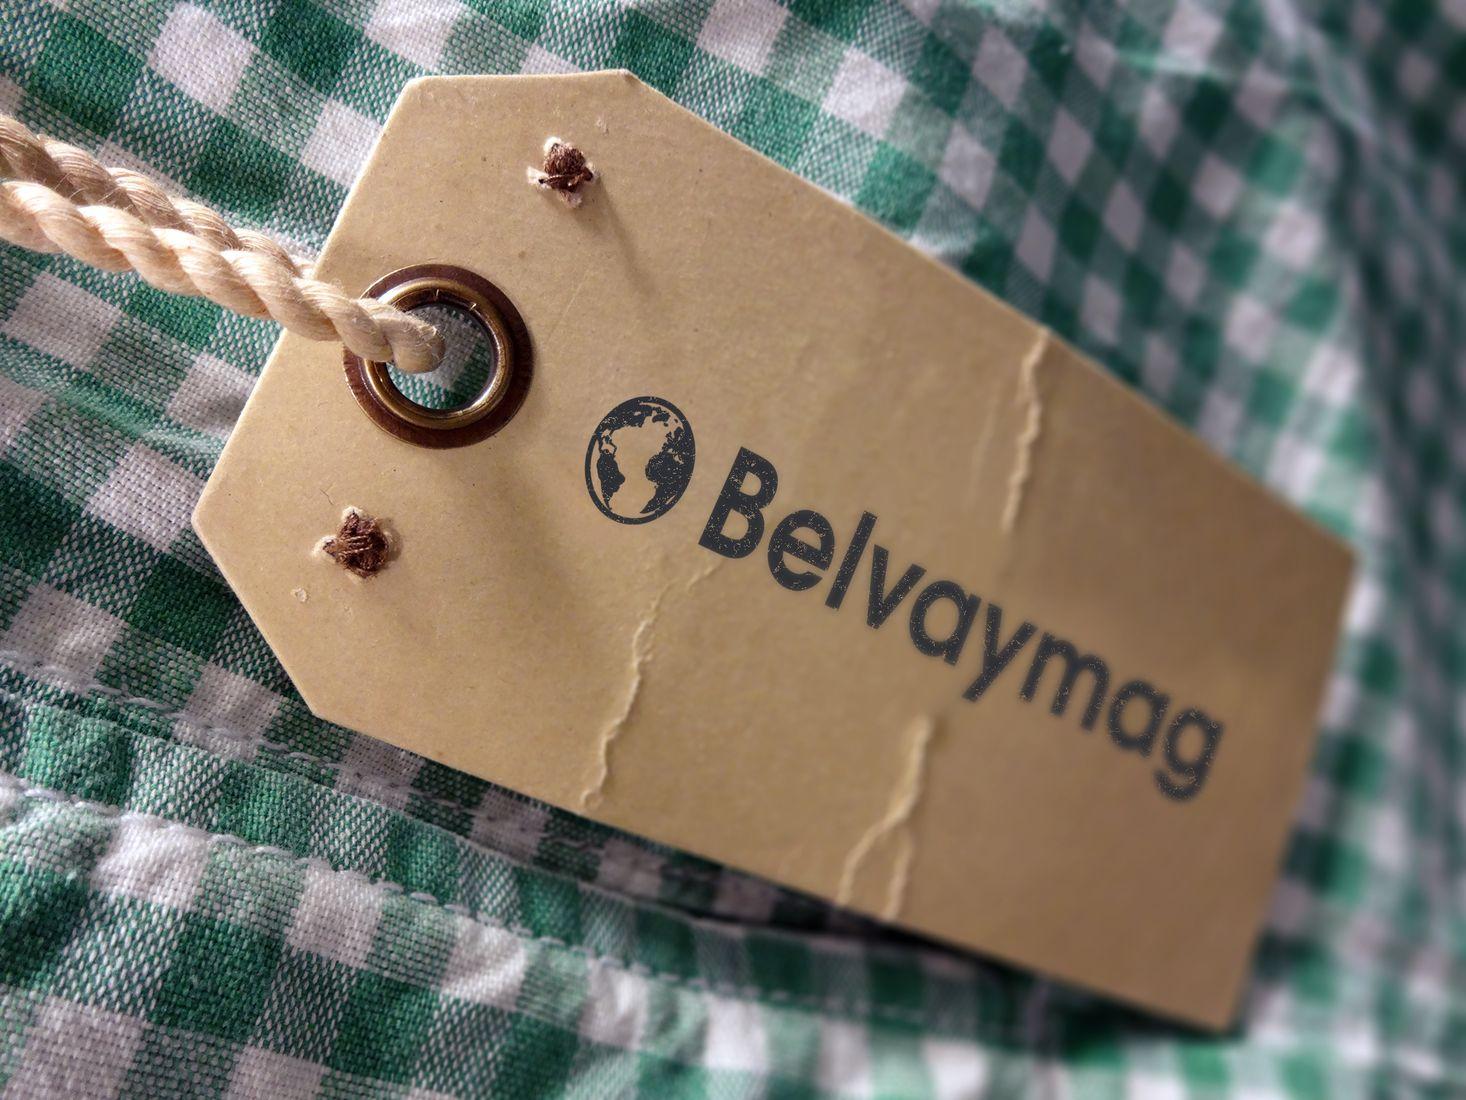 Разработка аналога Авито для Бельгии – Belvaymag! | Студия Ракета